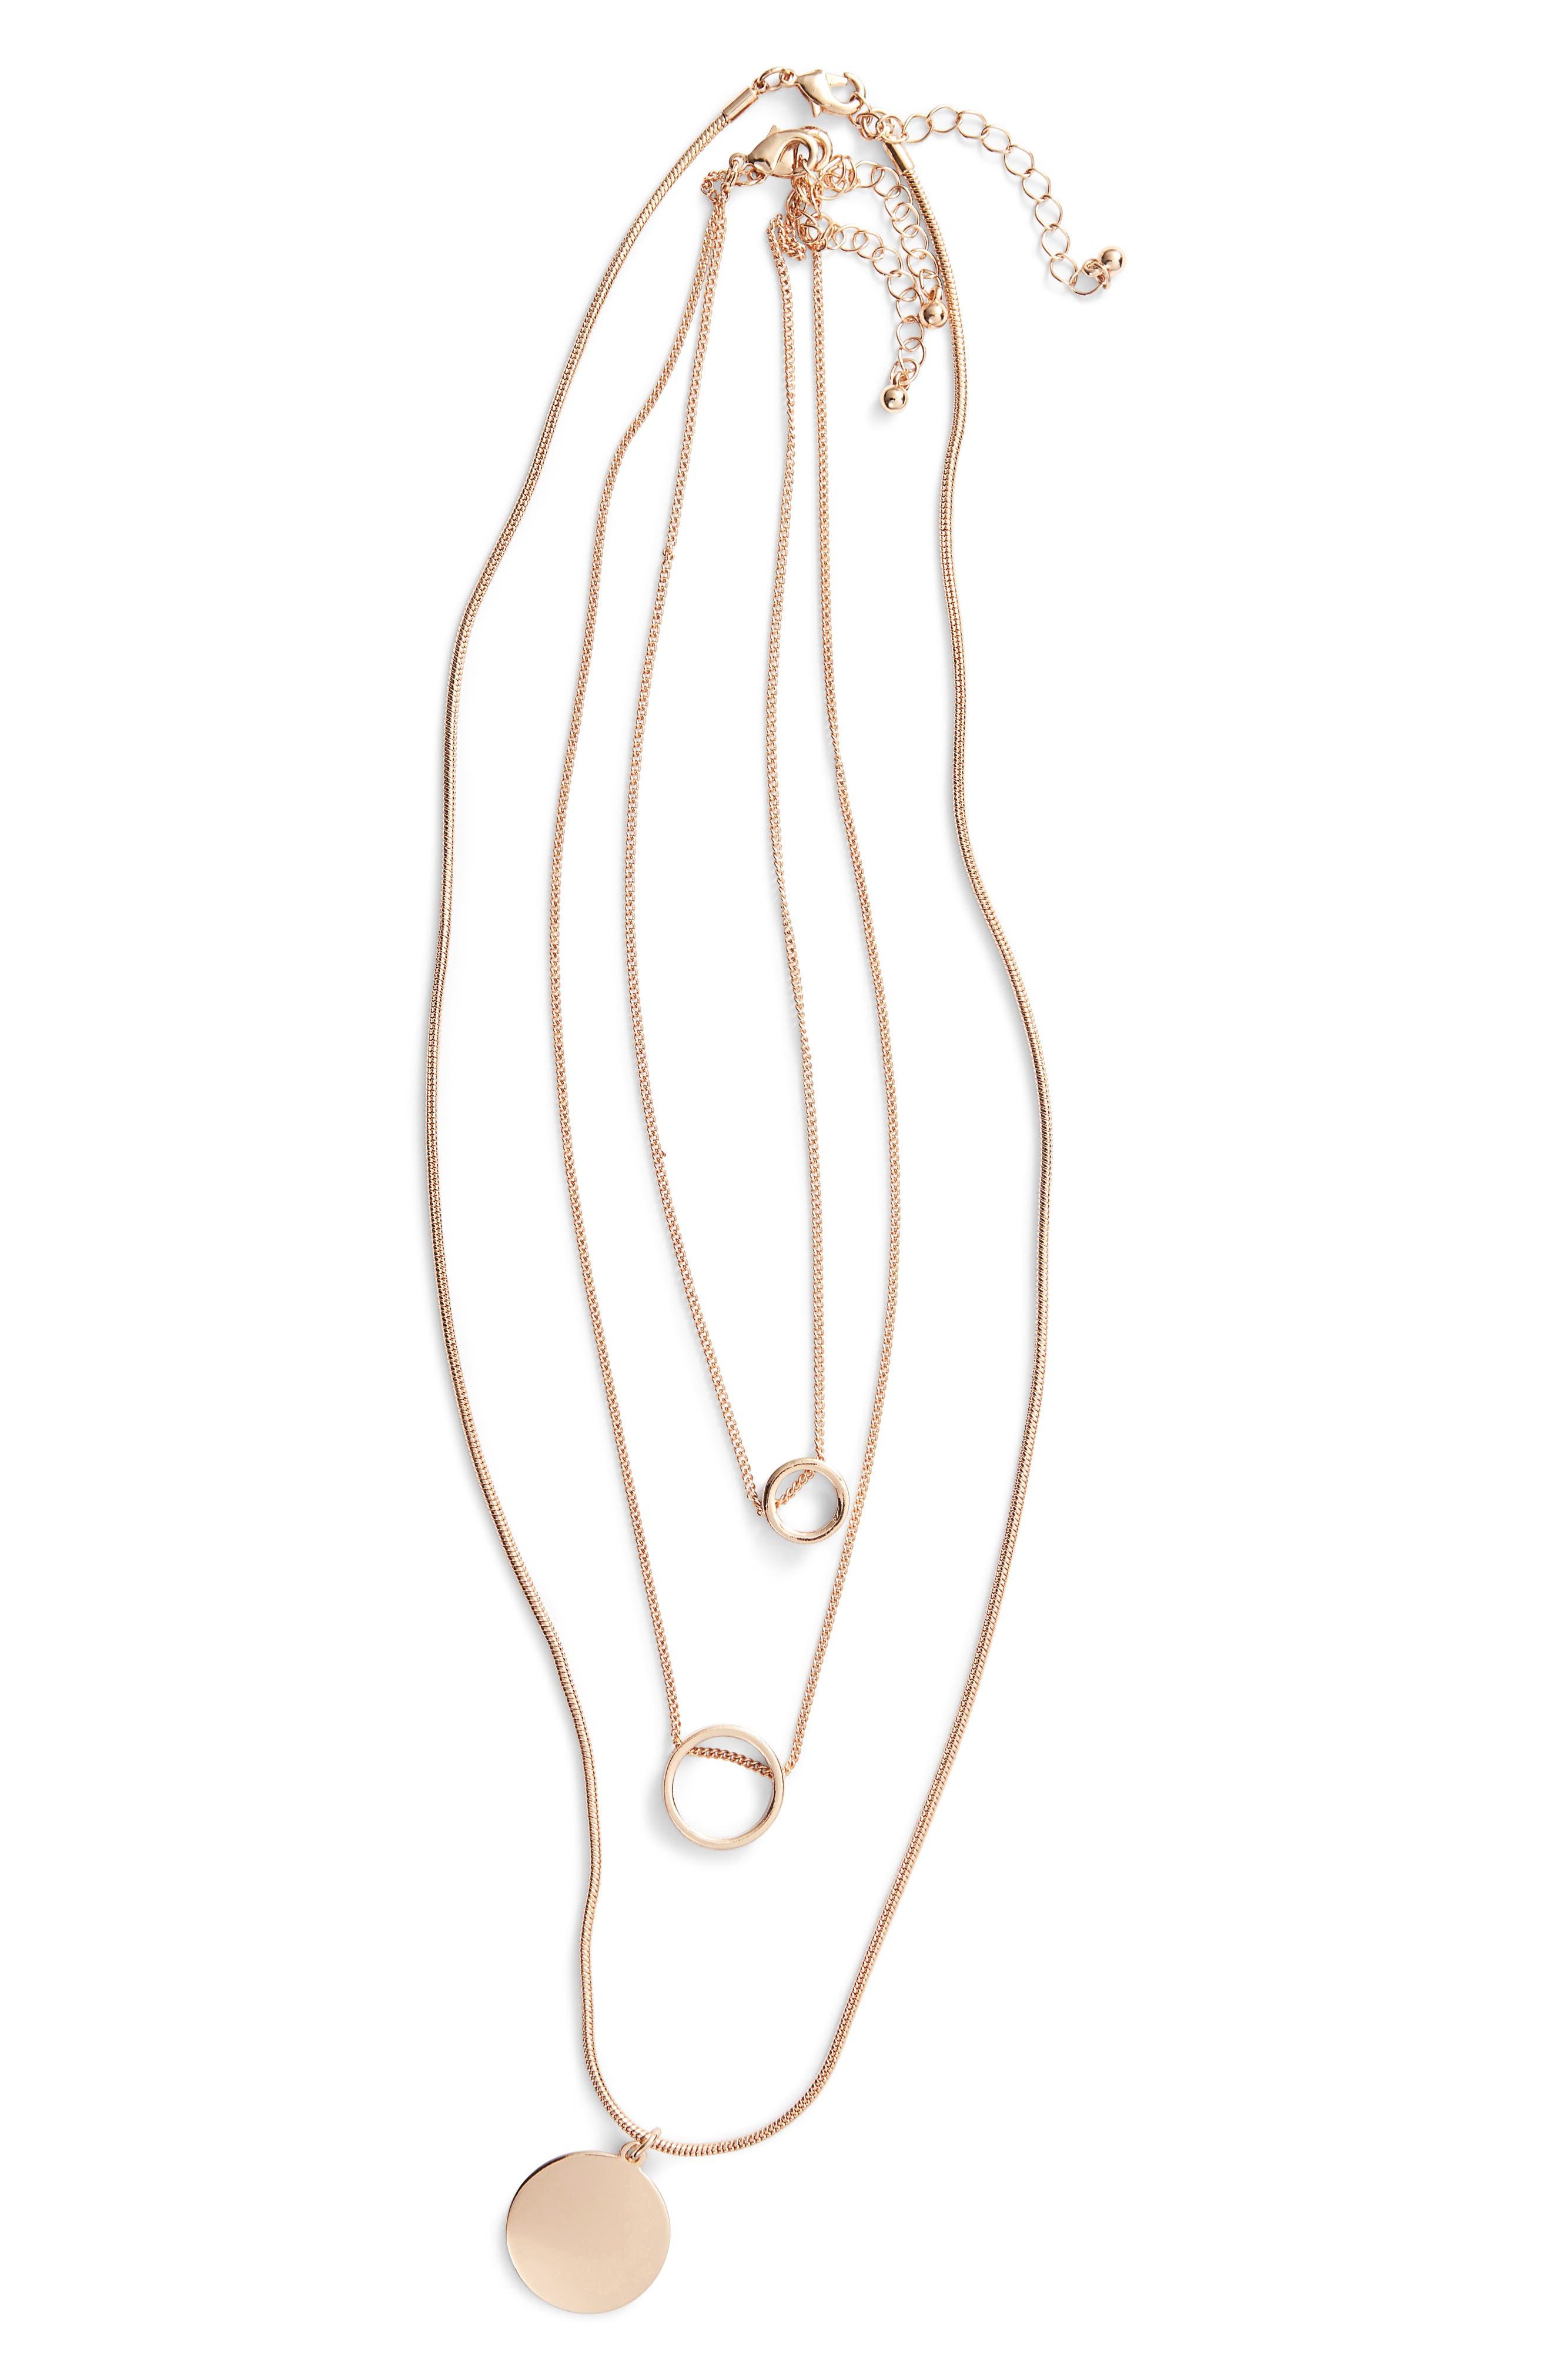 3-Pack Circle Pendant Necklaces,                             Main thumbnail 1, color,                             710